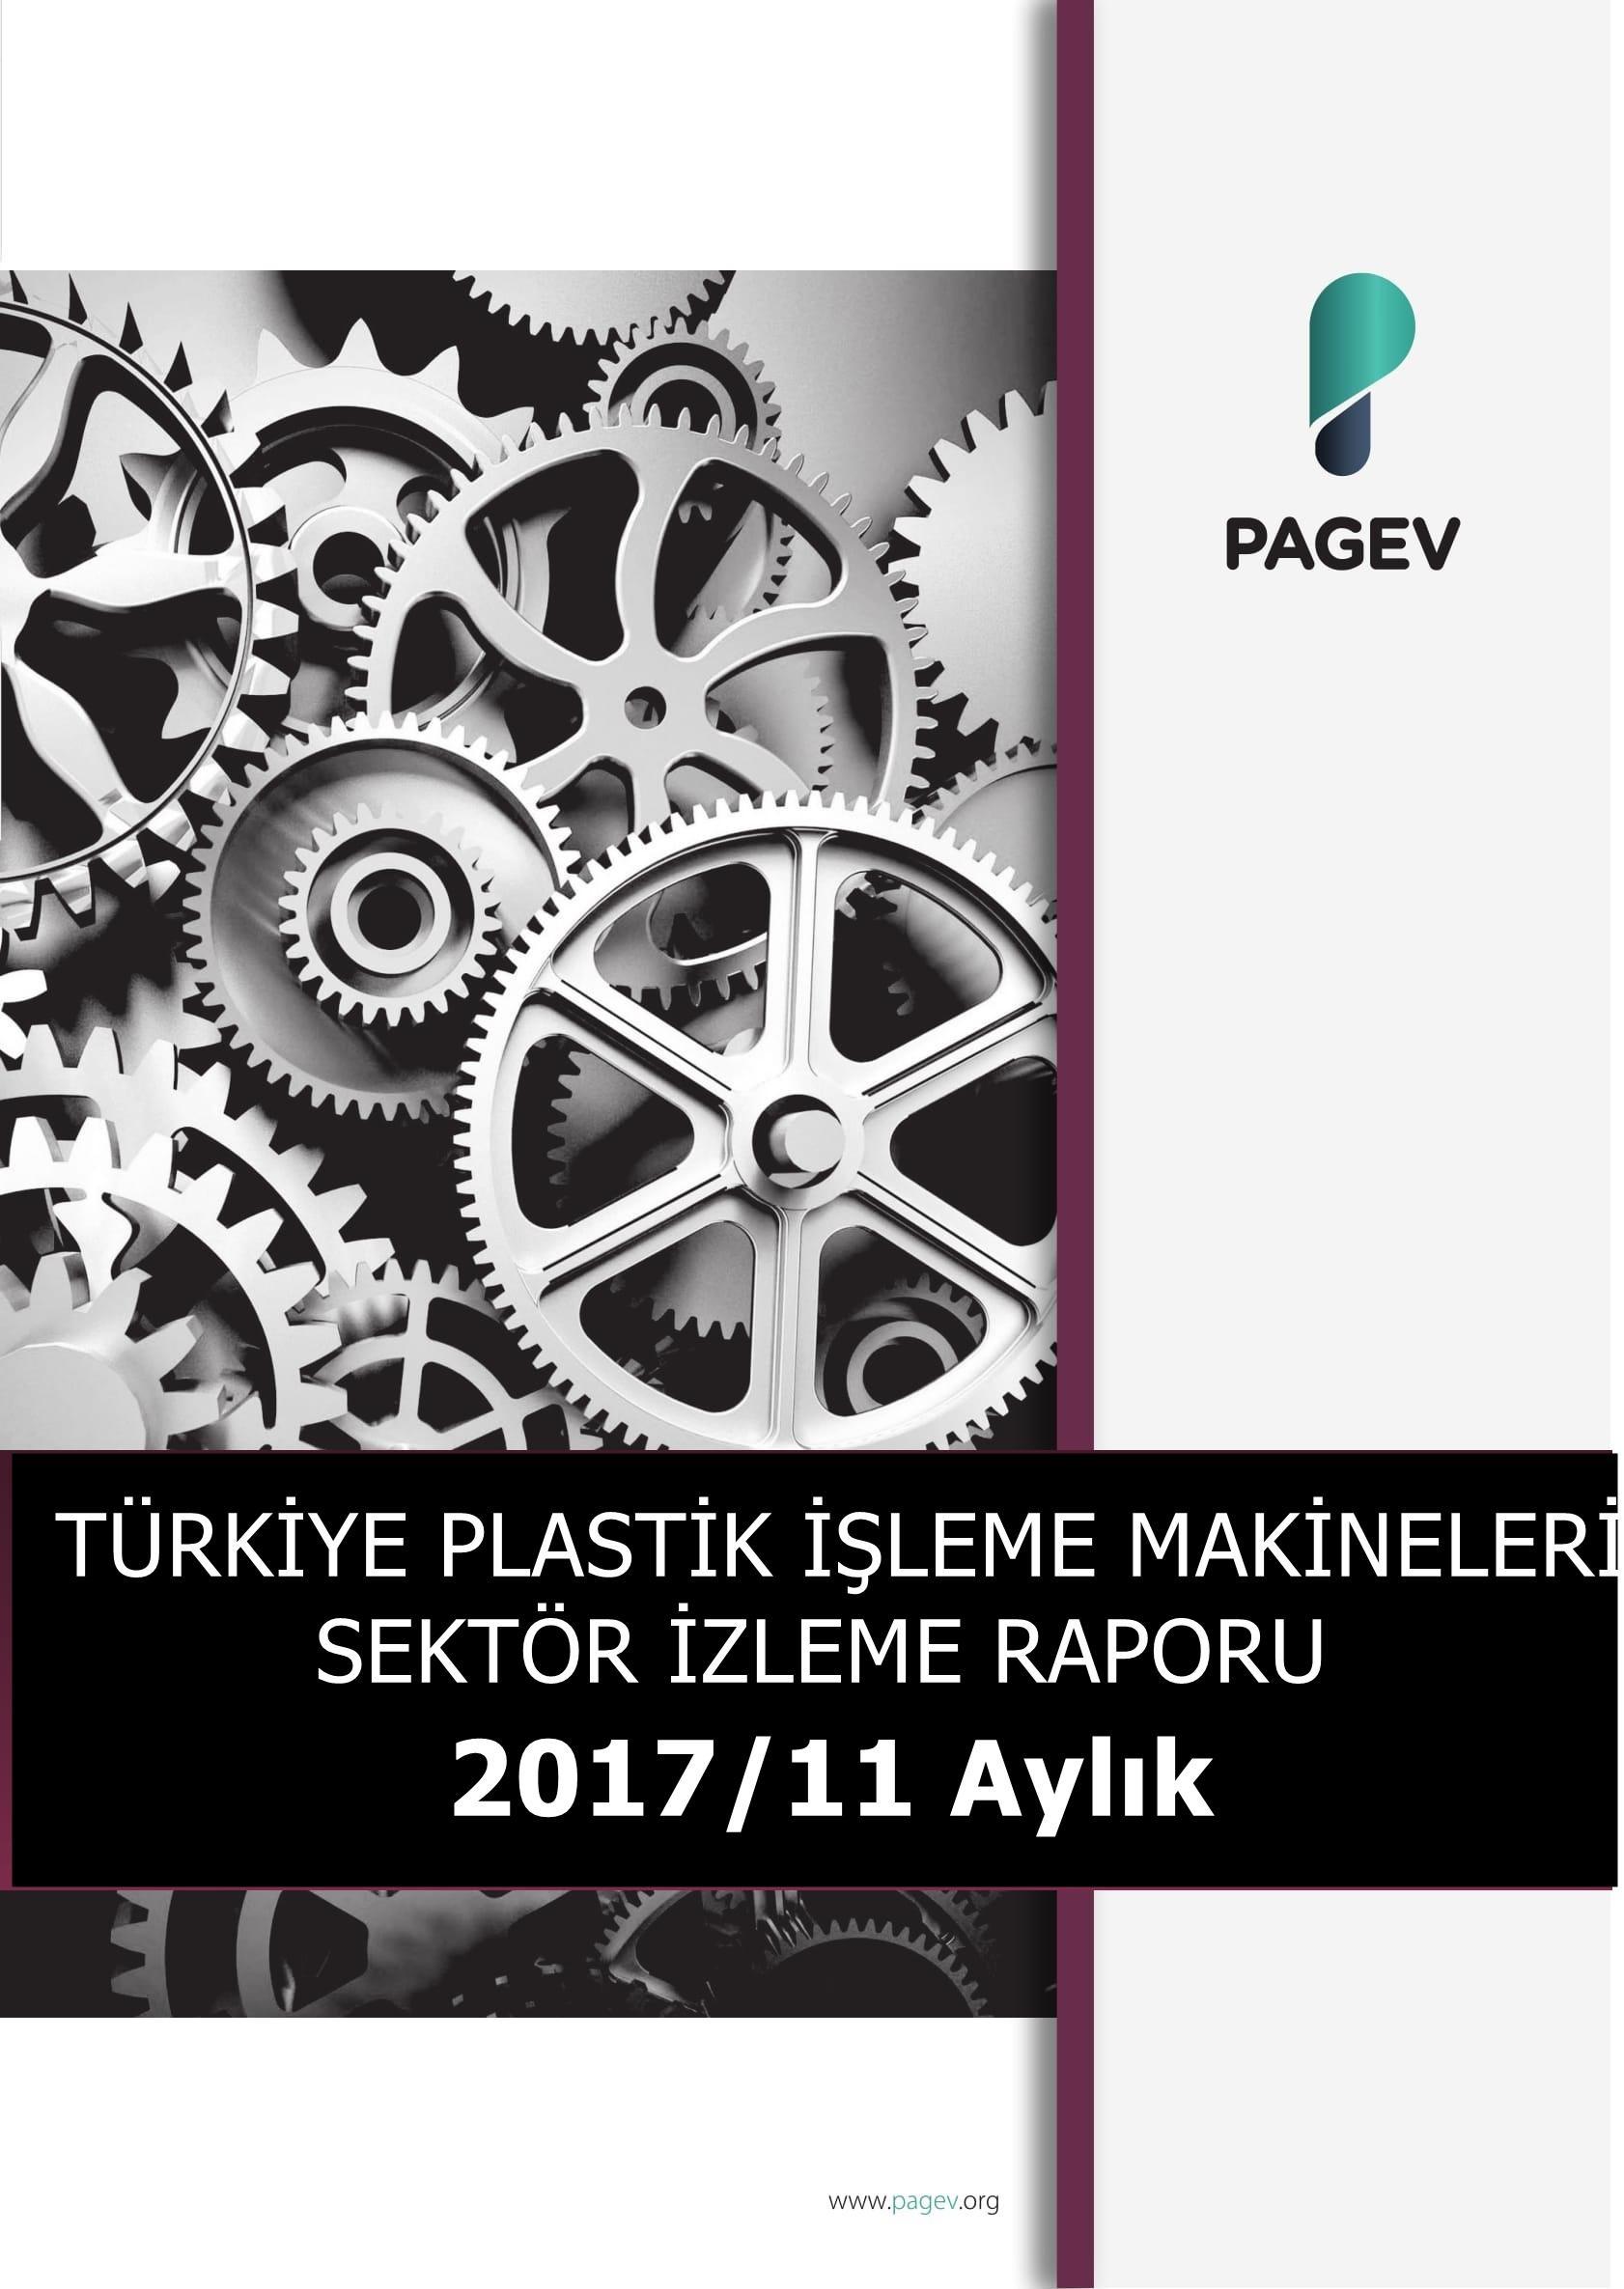 Türkiye Plastik İşleme Makineleri Sektör İzleme Raporu 2017/11 Aylık (Yıl Sonu Tahminli)